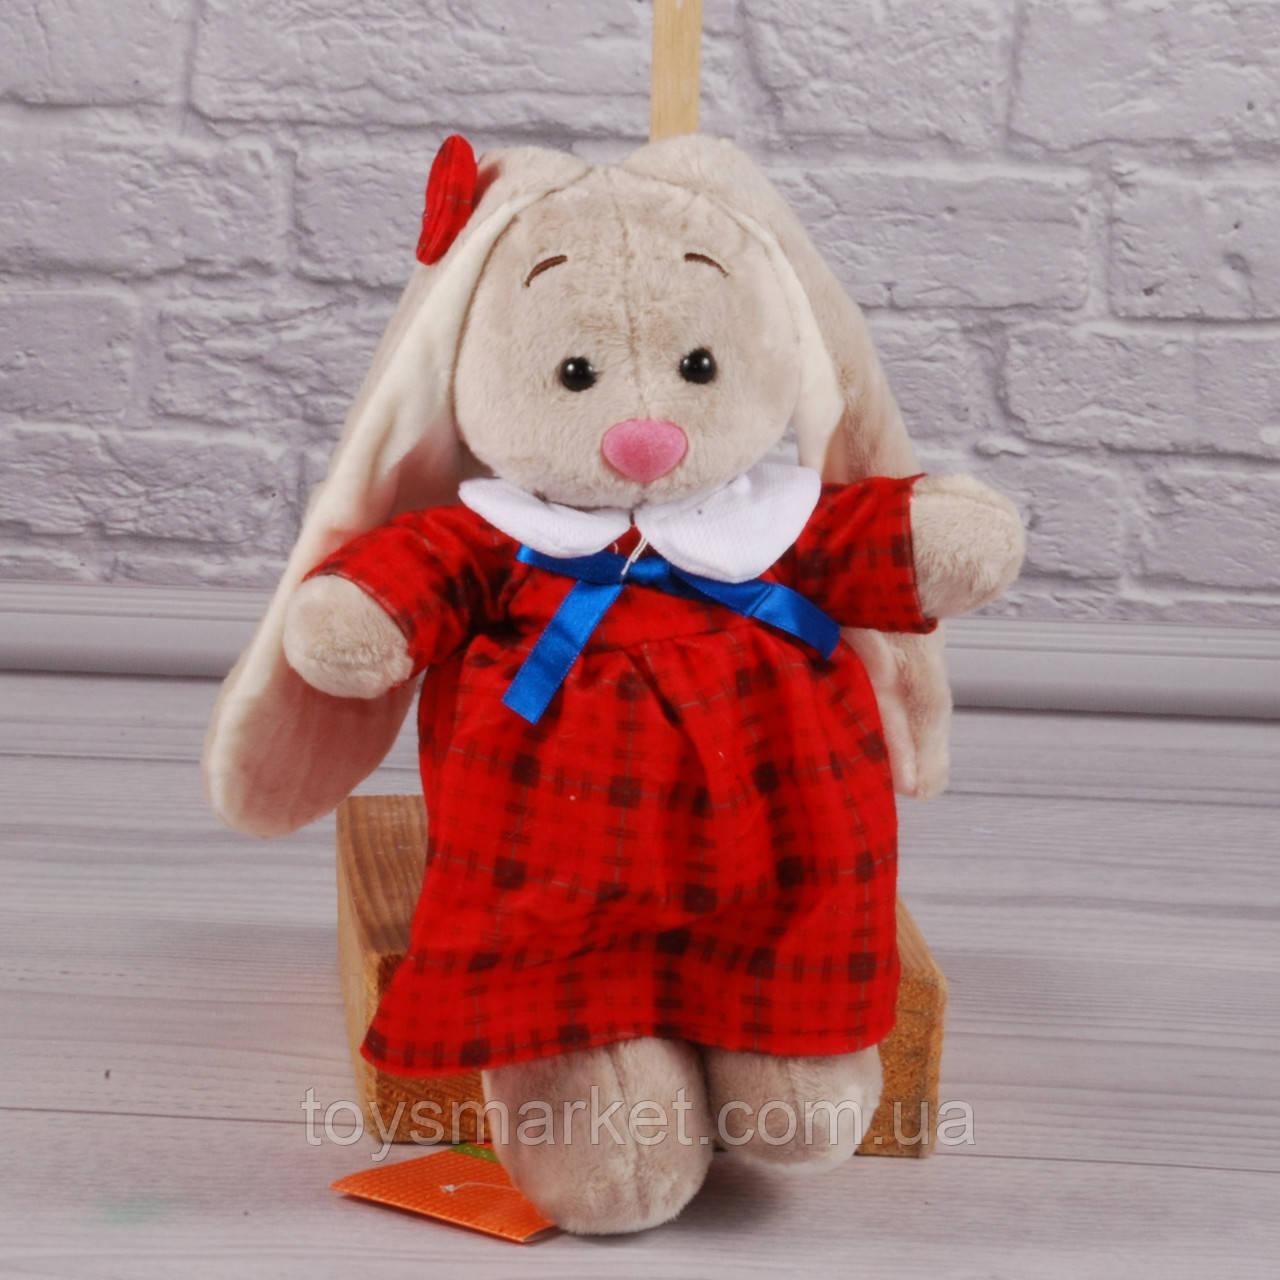 """Мягкая игрушка зайка """"Кнопа"""", плюшевая игрушка заяц, игрушка зайчик"""